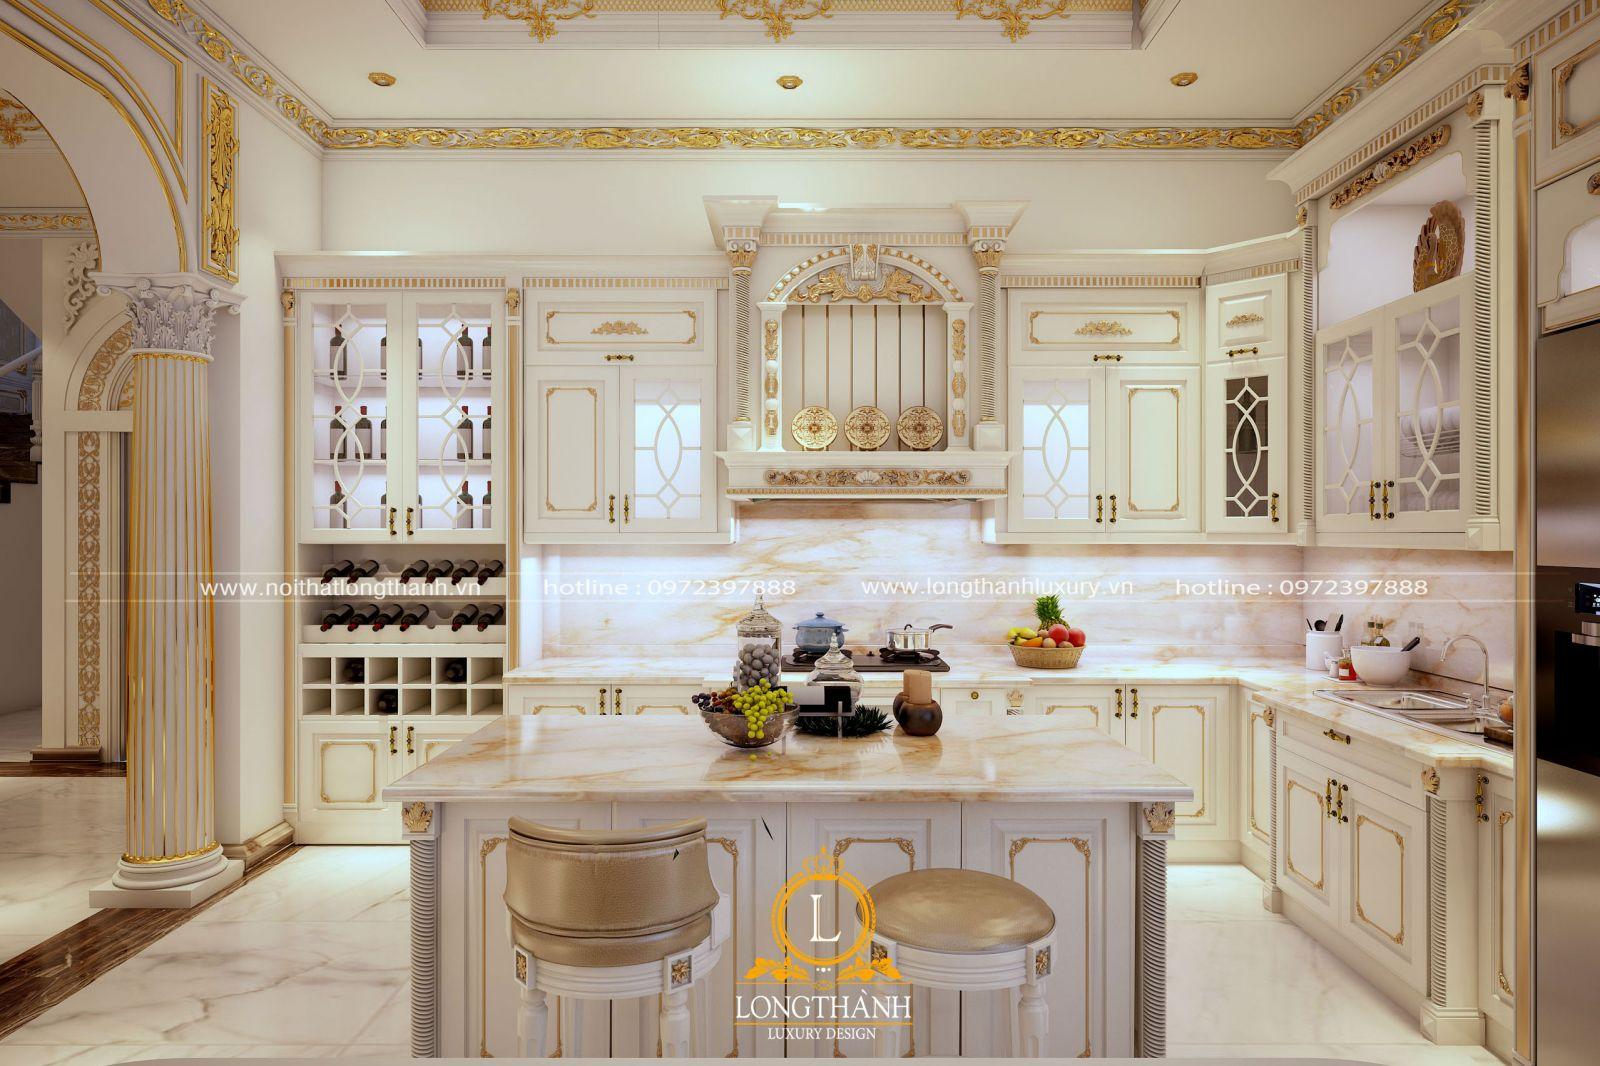 Bàn đảo bếp được bố trí chiếc ghế cho các thành viên có thể cùng trò chuyện khi nấu nướng